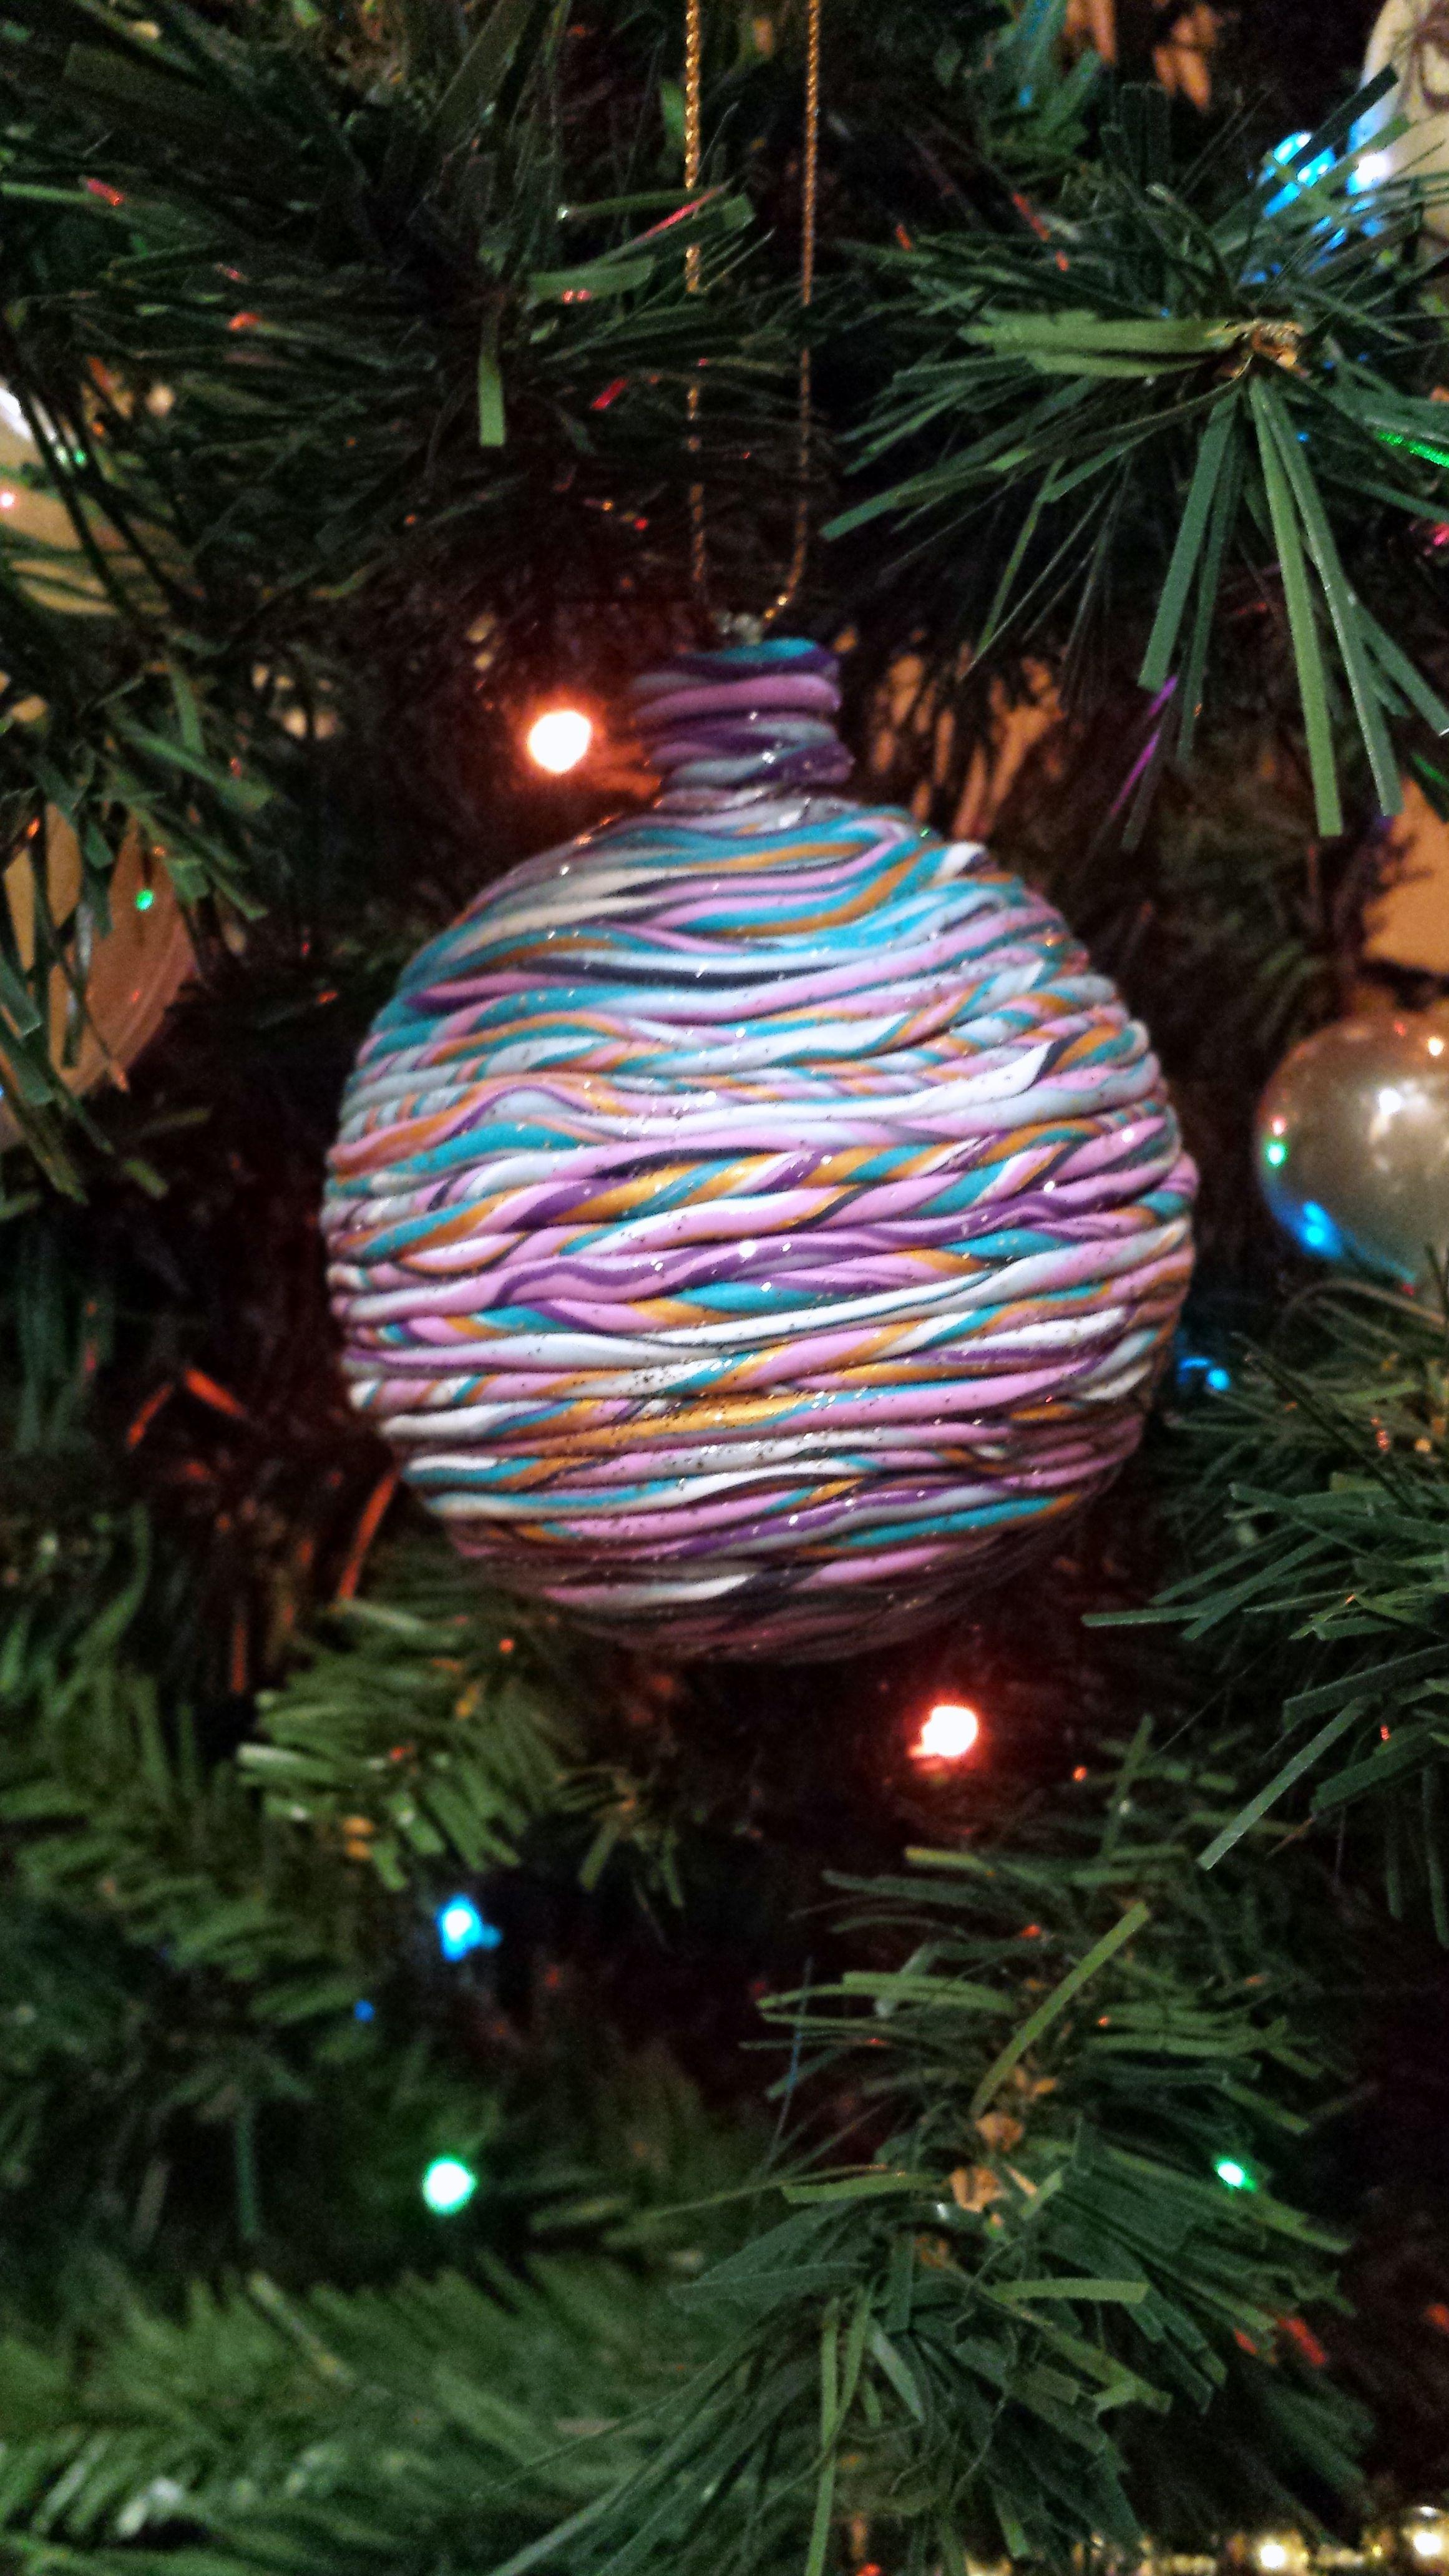 pallina di Natale Multicolor #handmade #fimo #natale